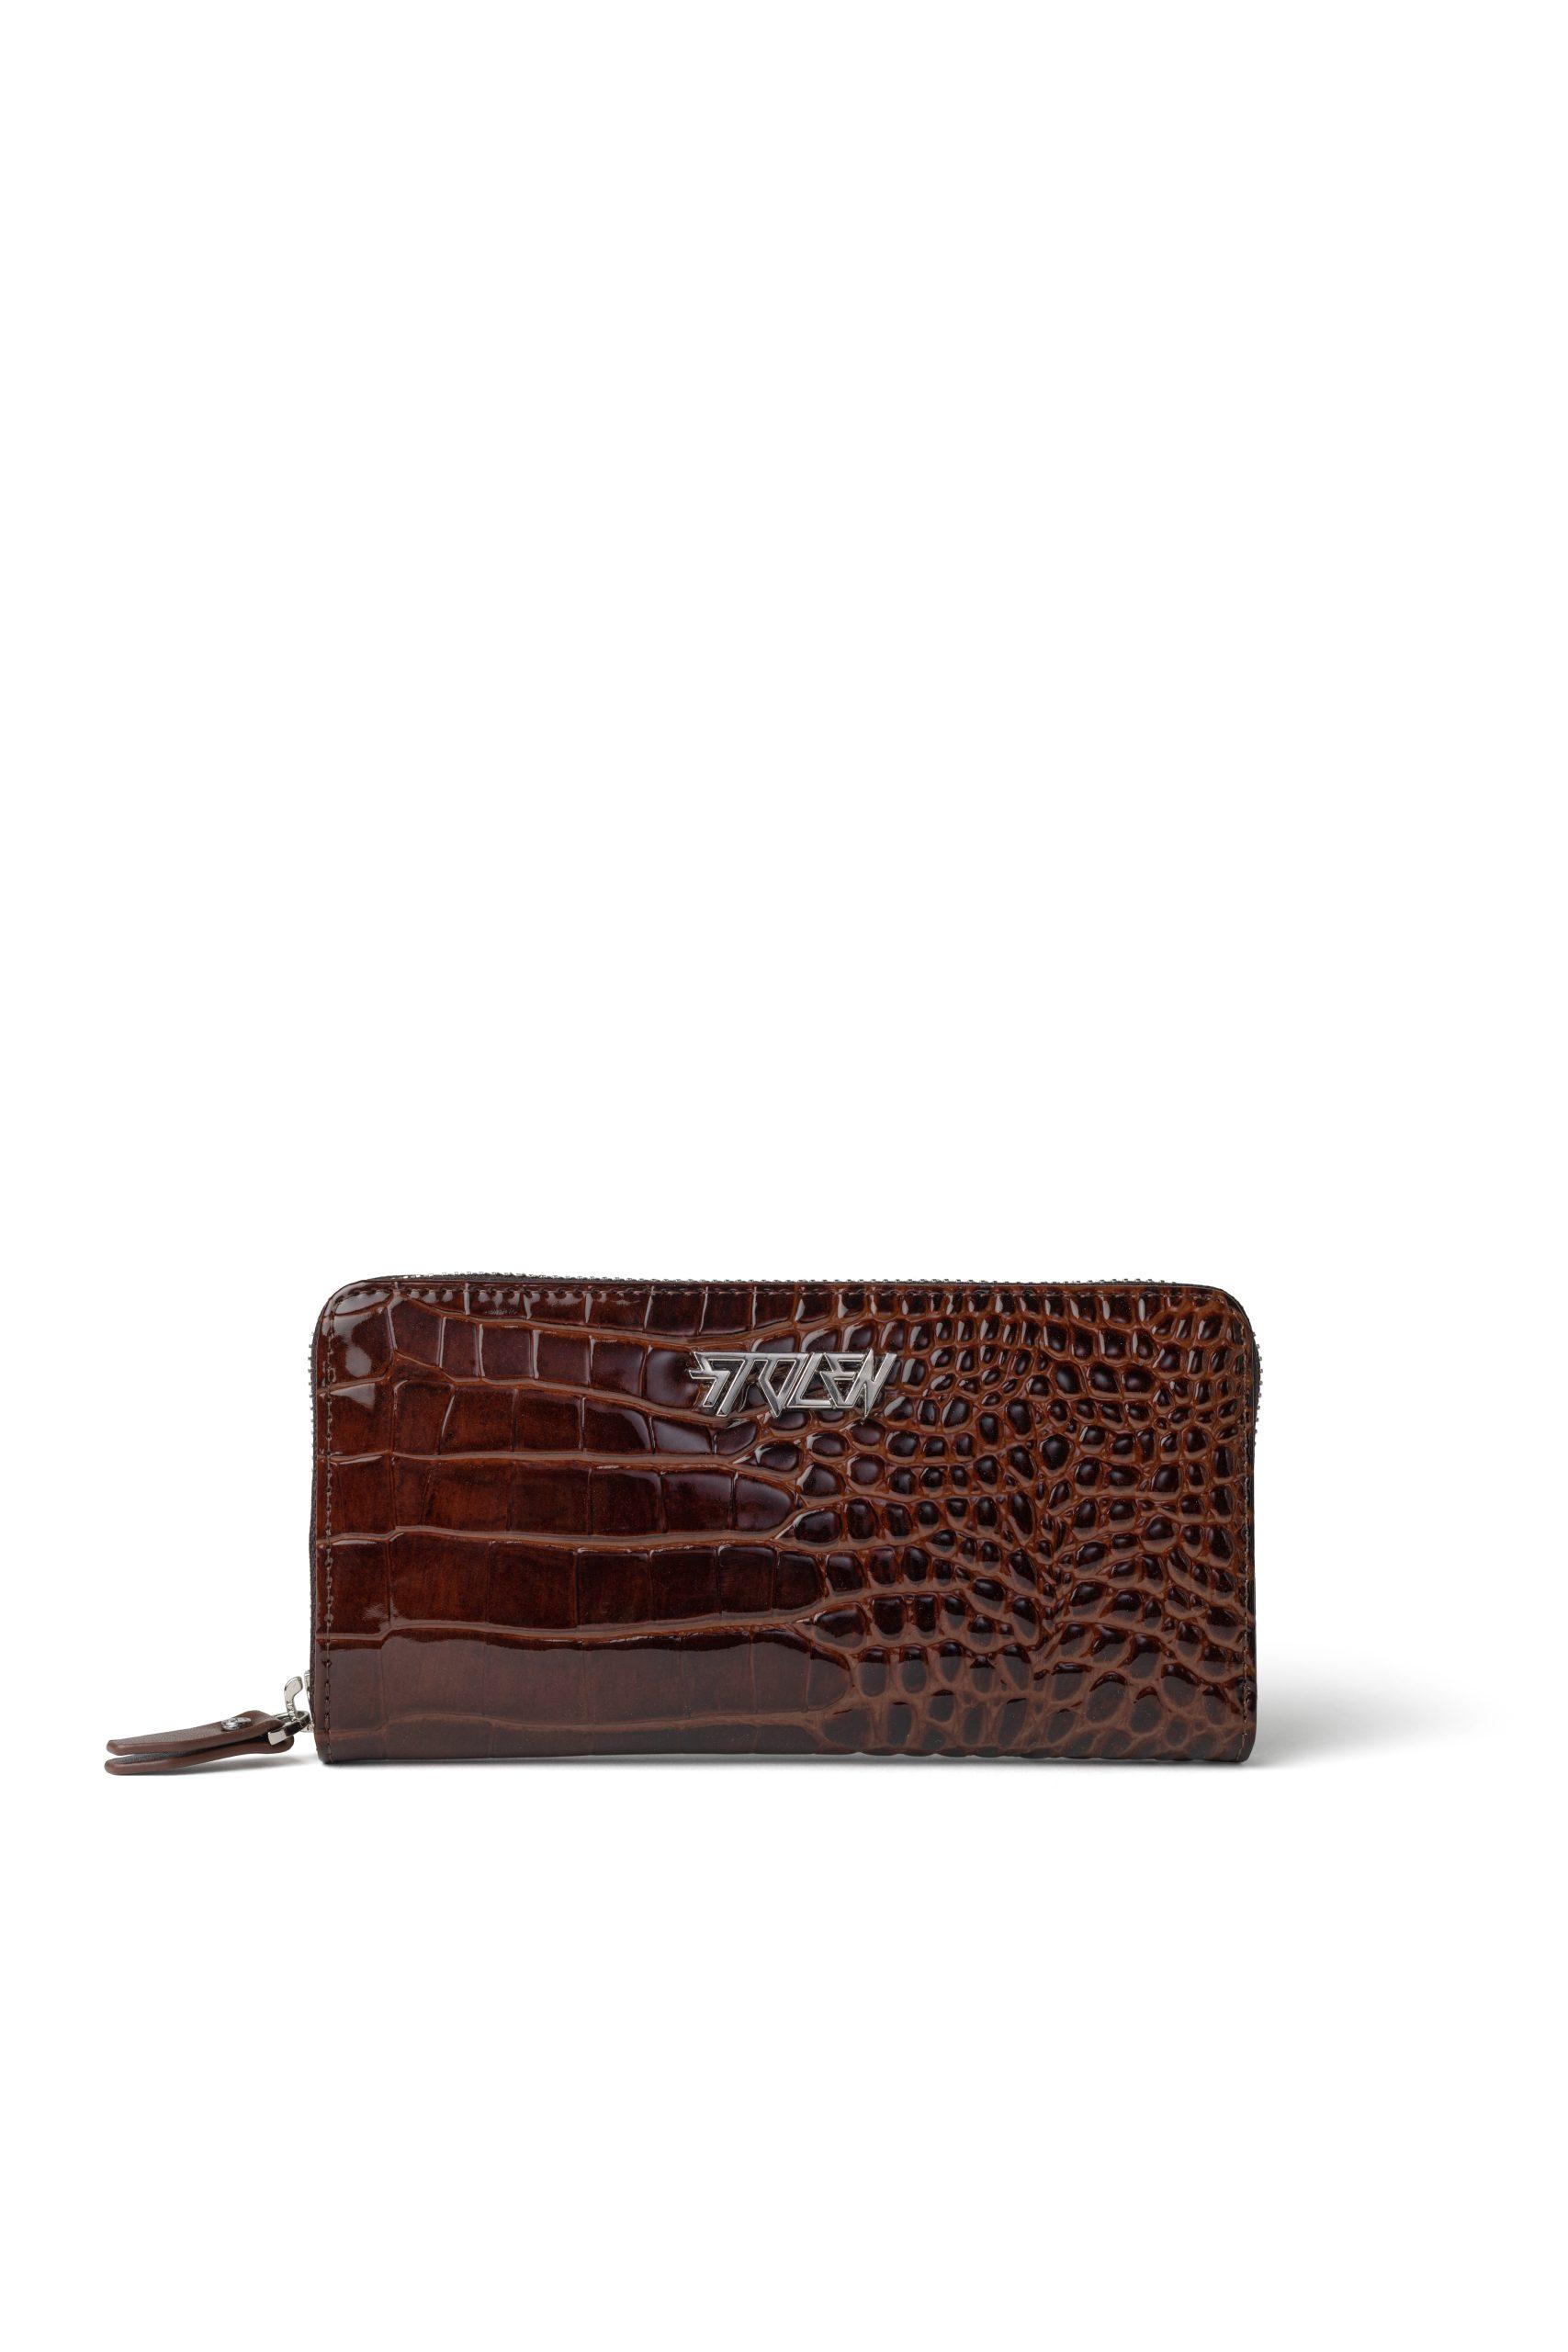 B045 Big Trouble Wallet Auburn RRP $209